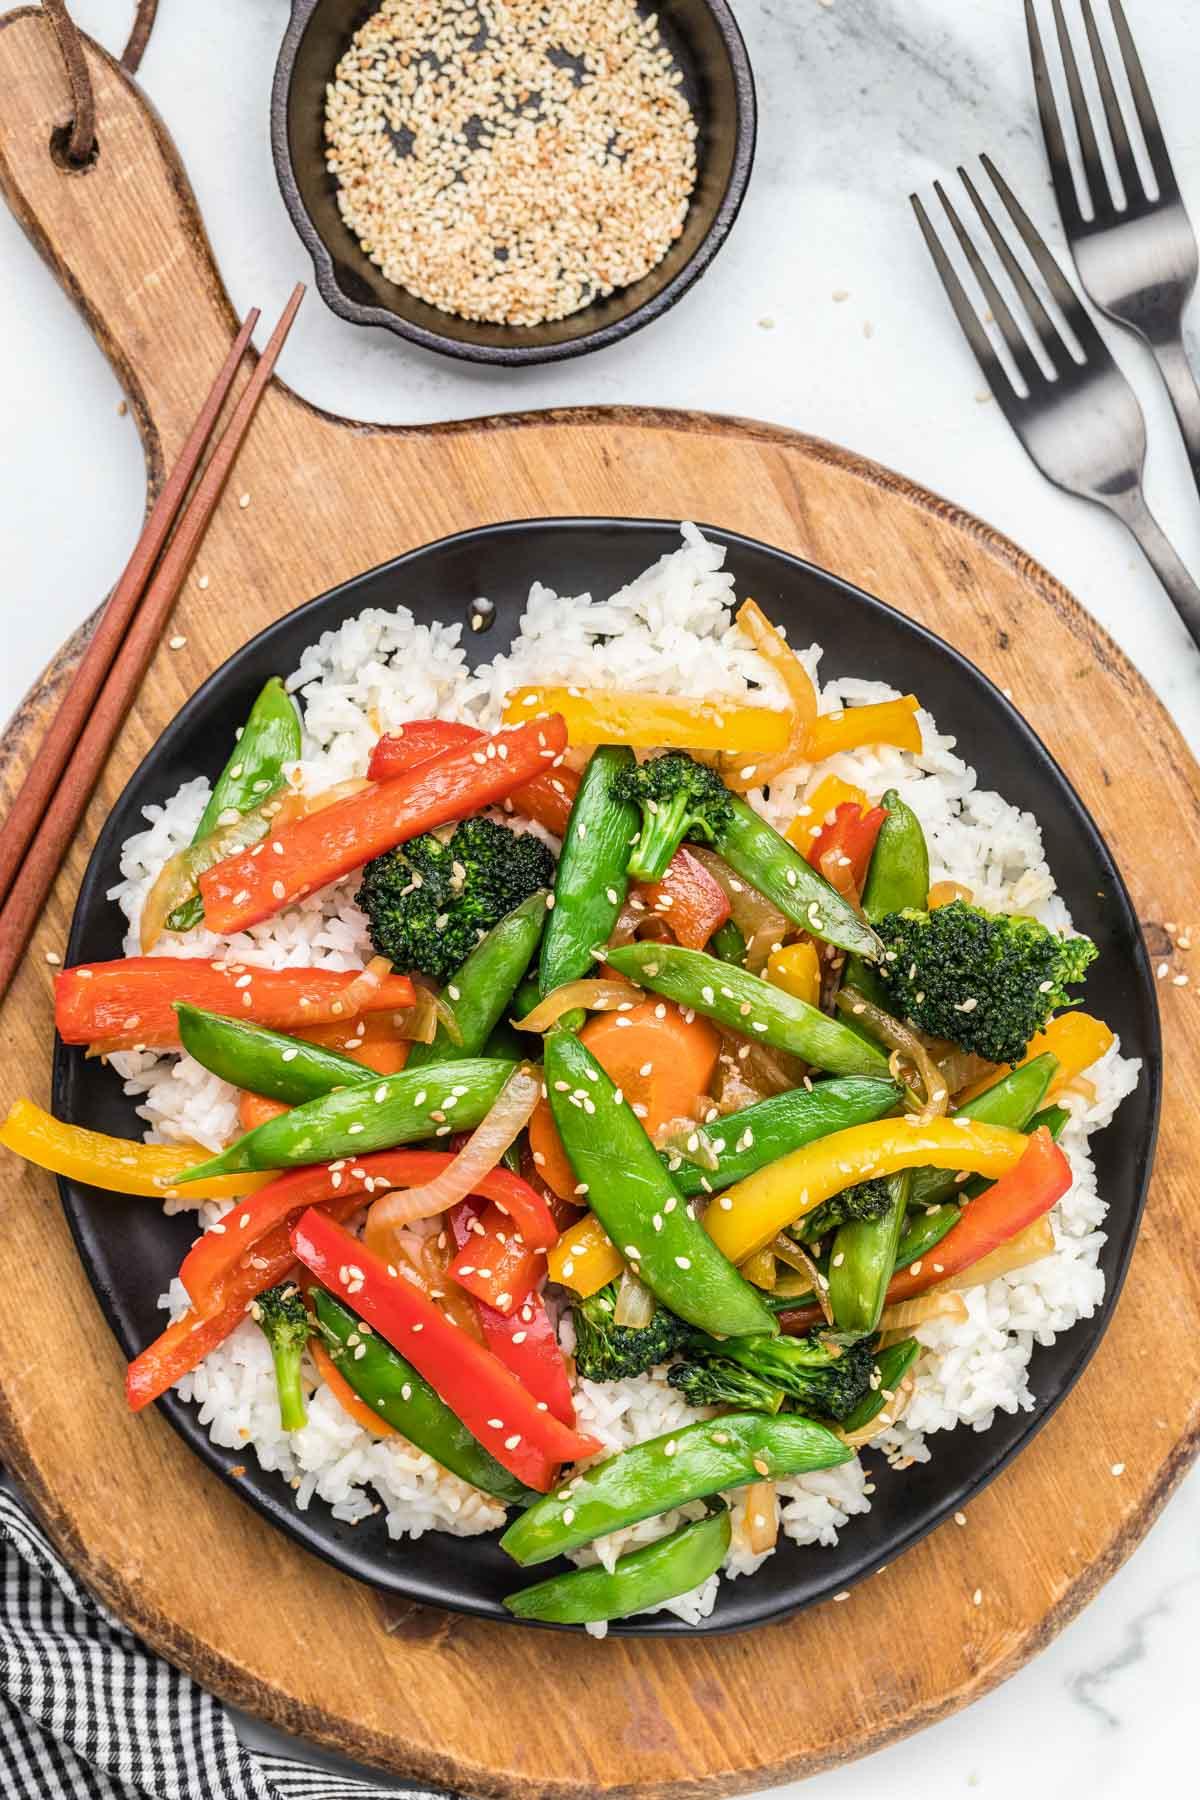 Homemade vegetable stir fry served over white rice